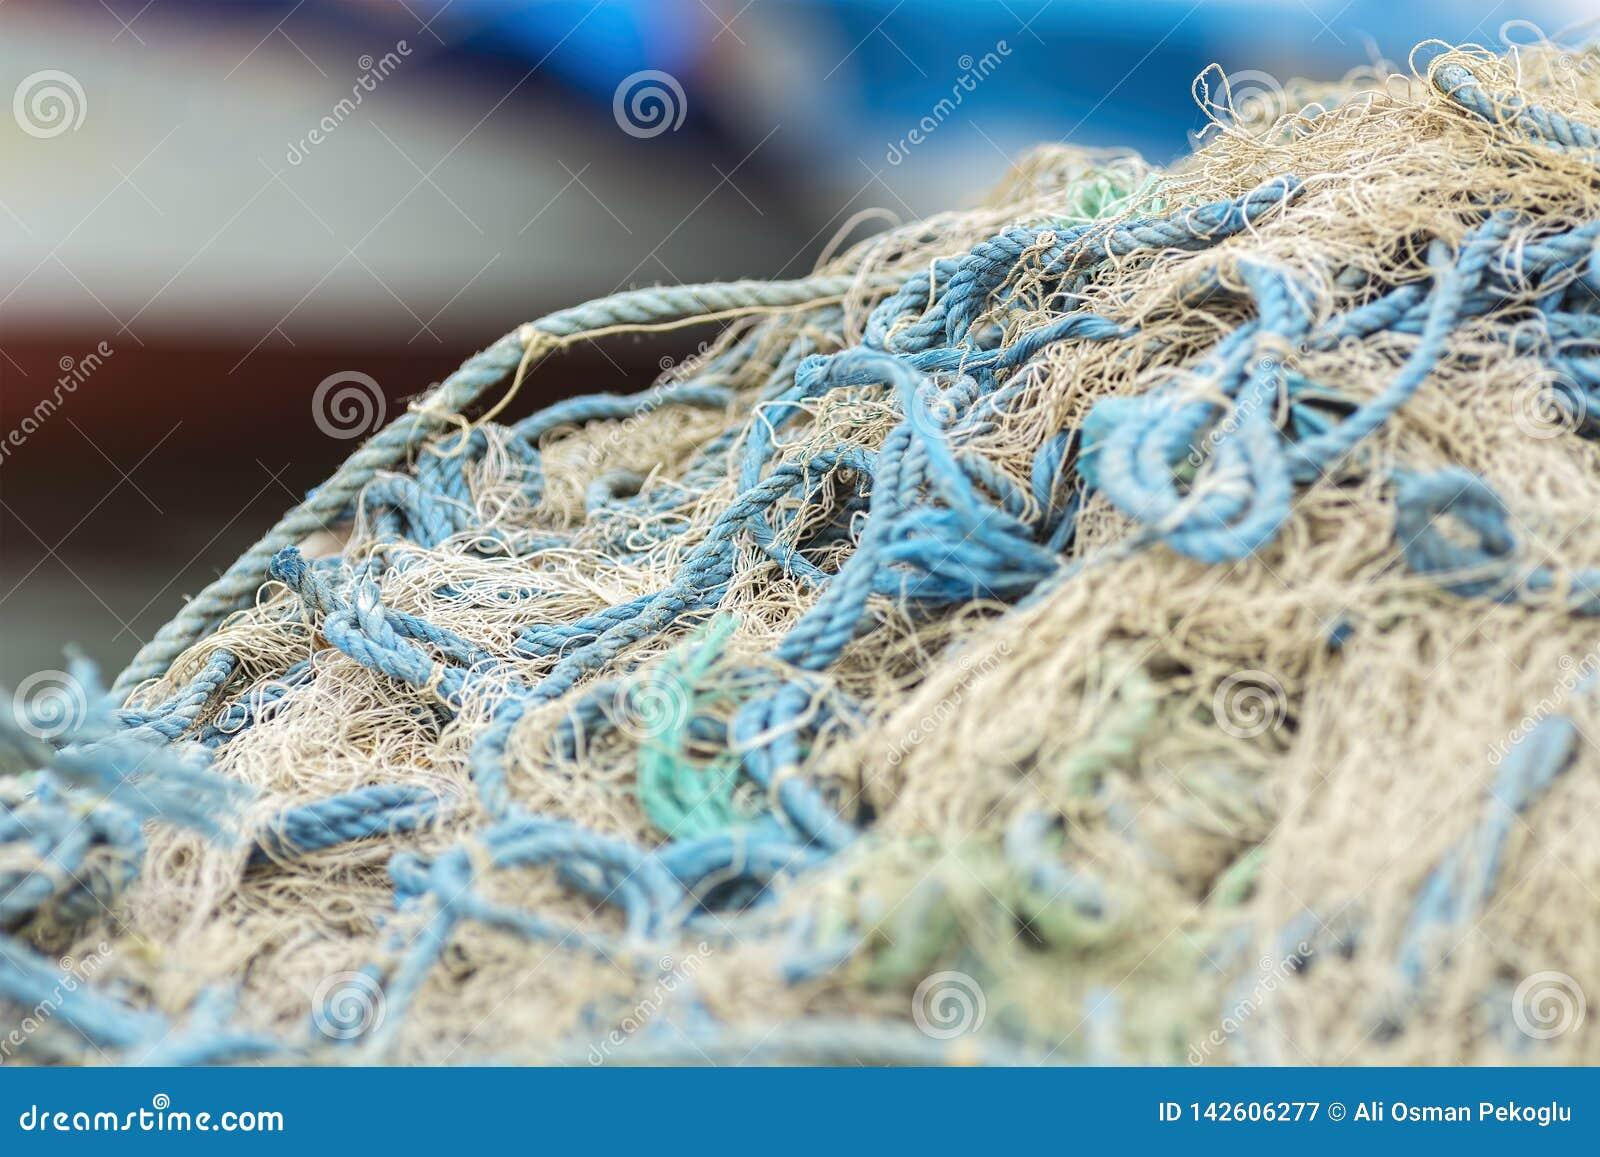 Ψάρια στην καθαρή, σύσταση διχτυού του ψαρέματος